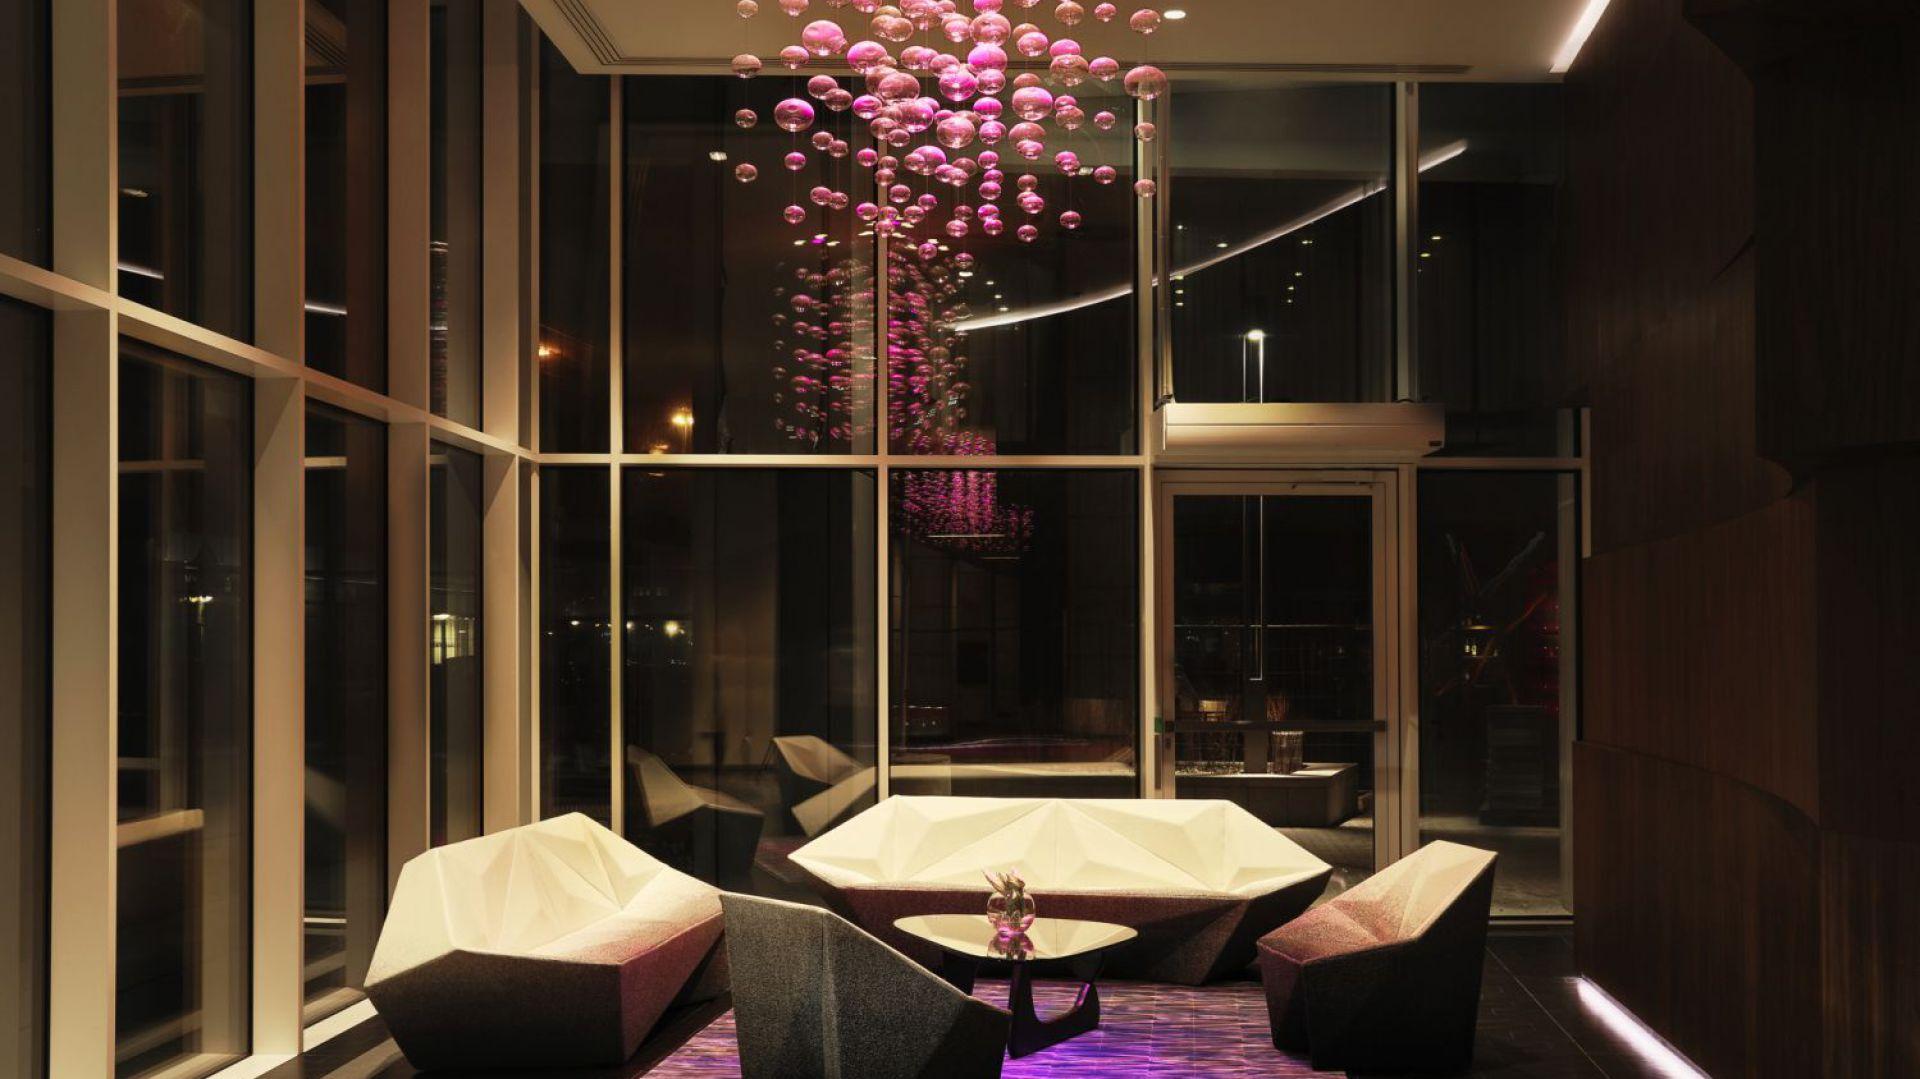 Lobby budynku przy Złotej 44 w Warszawie zaprojektował sam David Libeskind. Fot. materiały prasowe